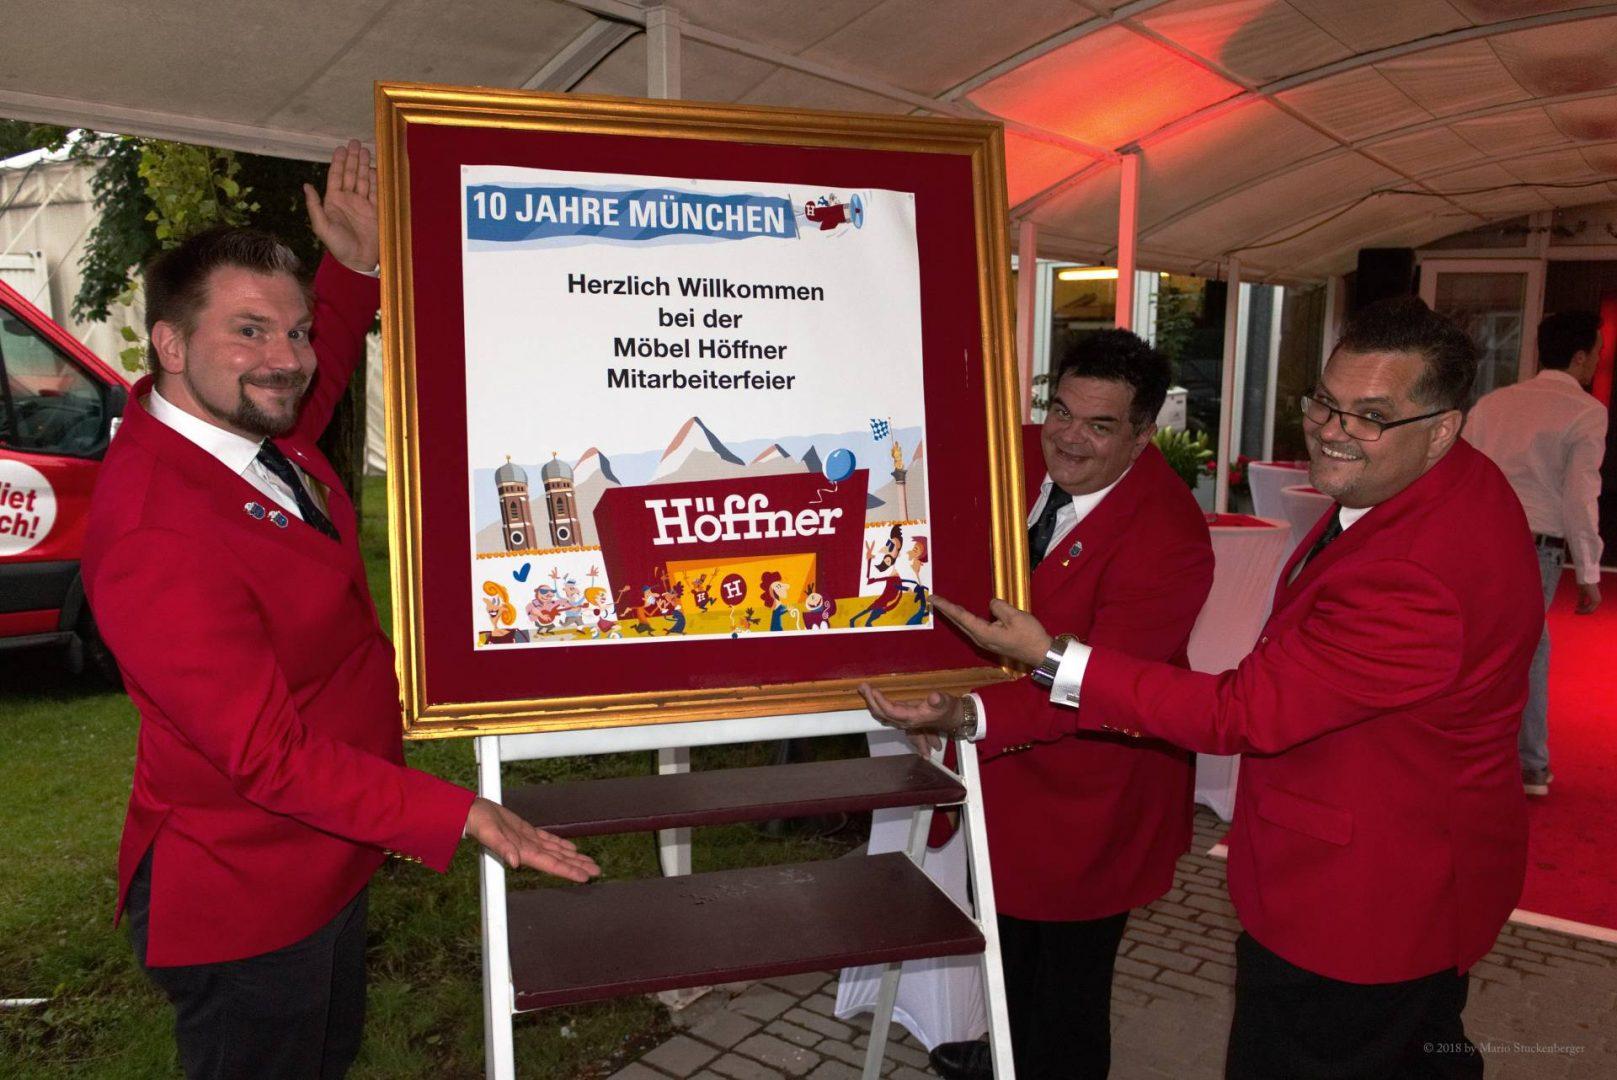 10 Jahre Möbel Höffner Narrhalla München Ev